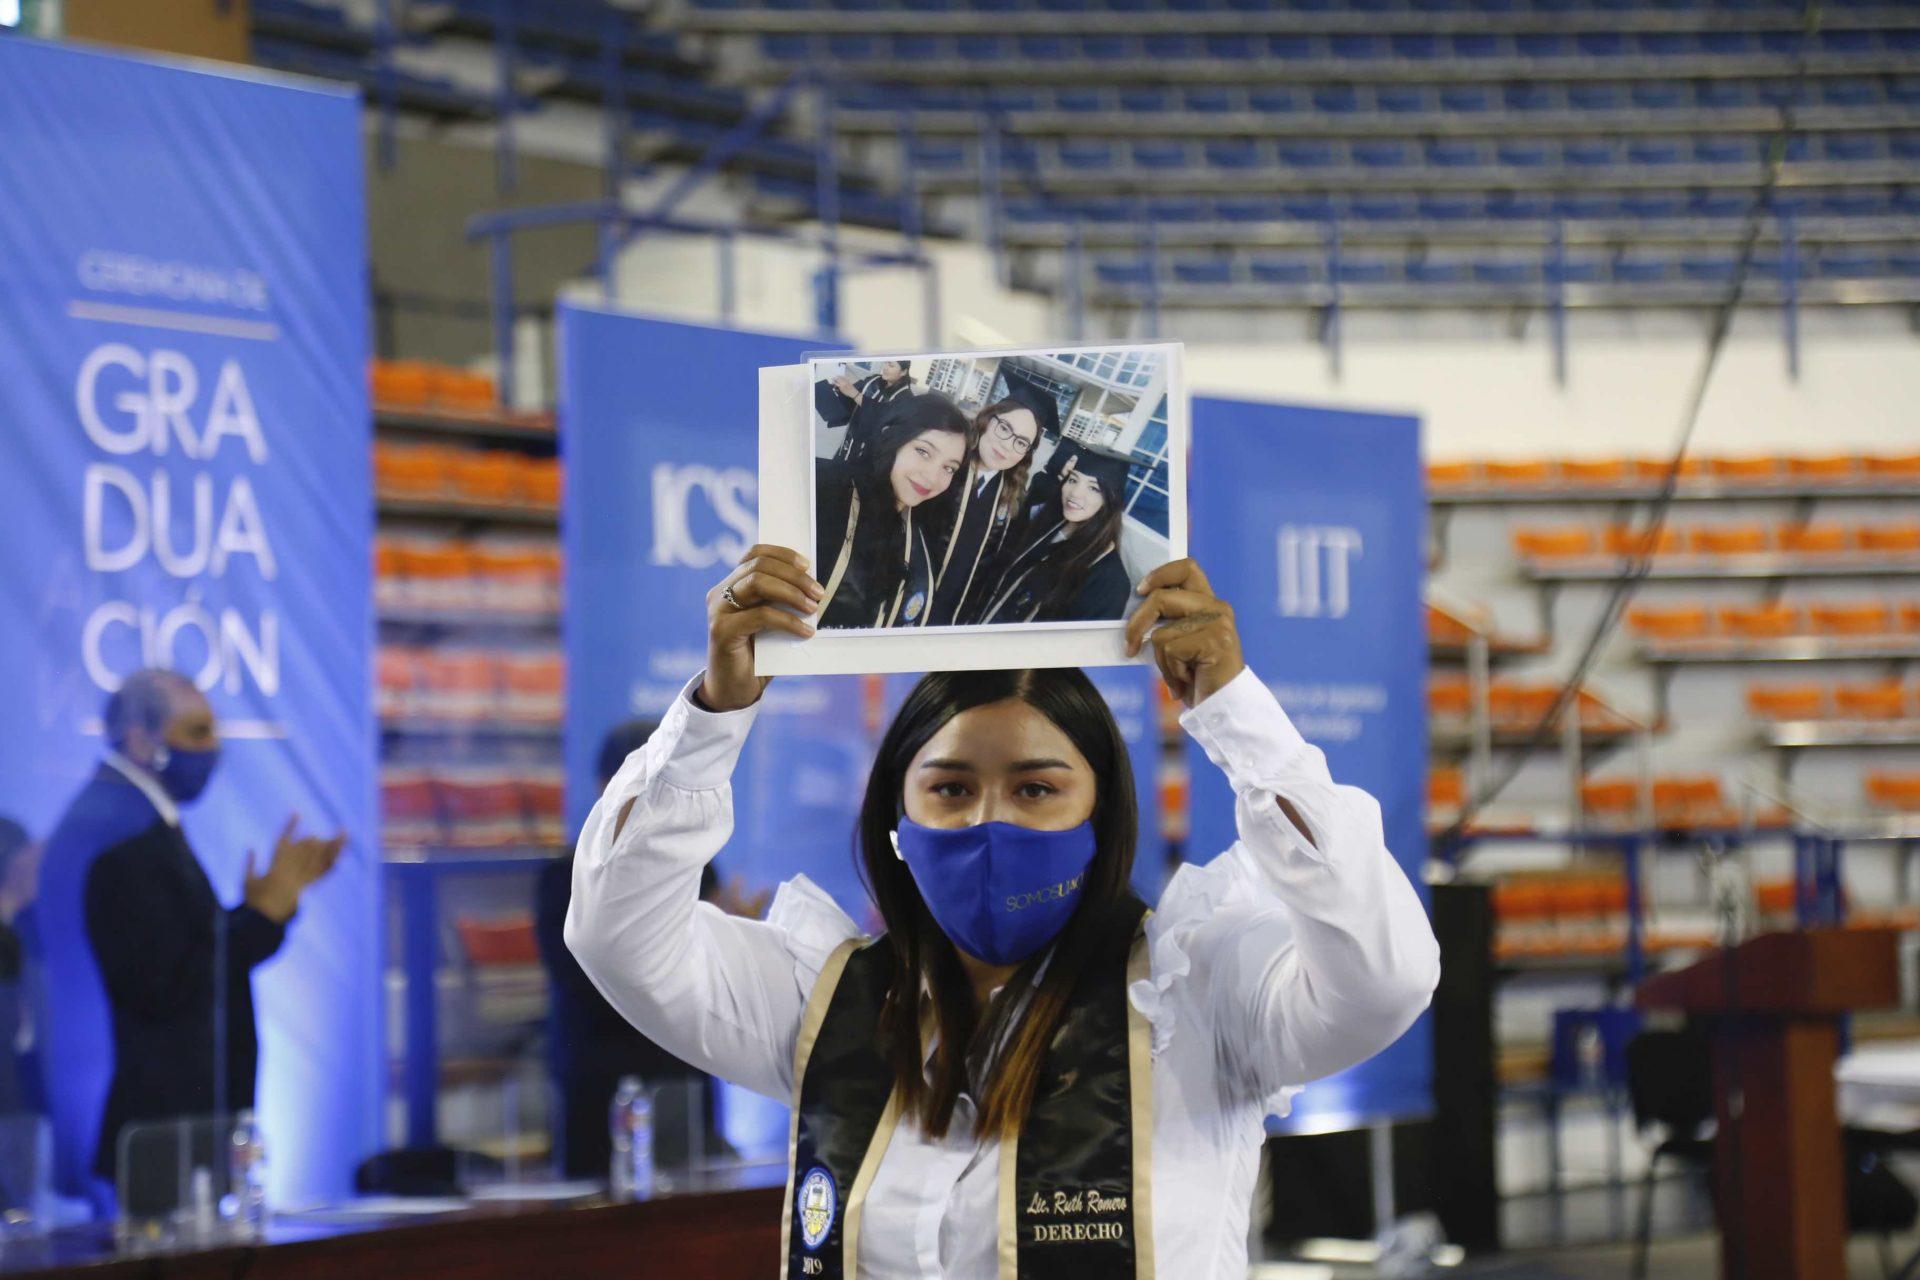 Emotivo cierre de graduaciones en la UACJ